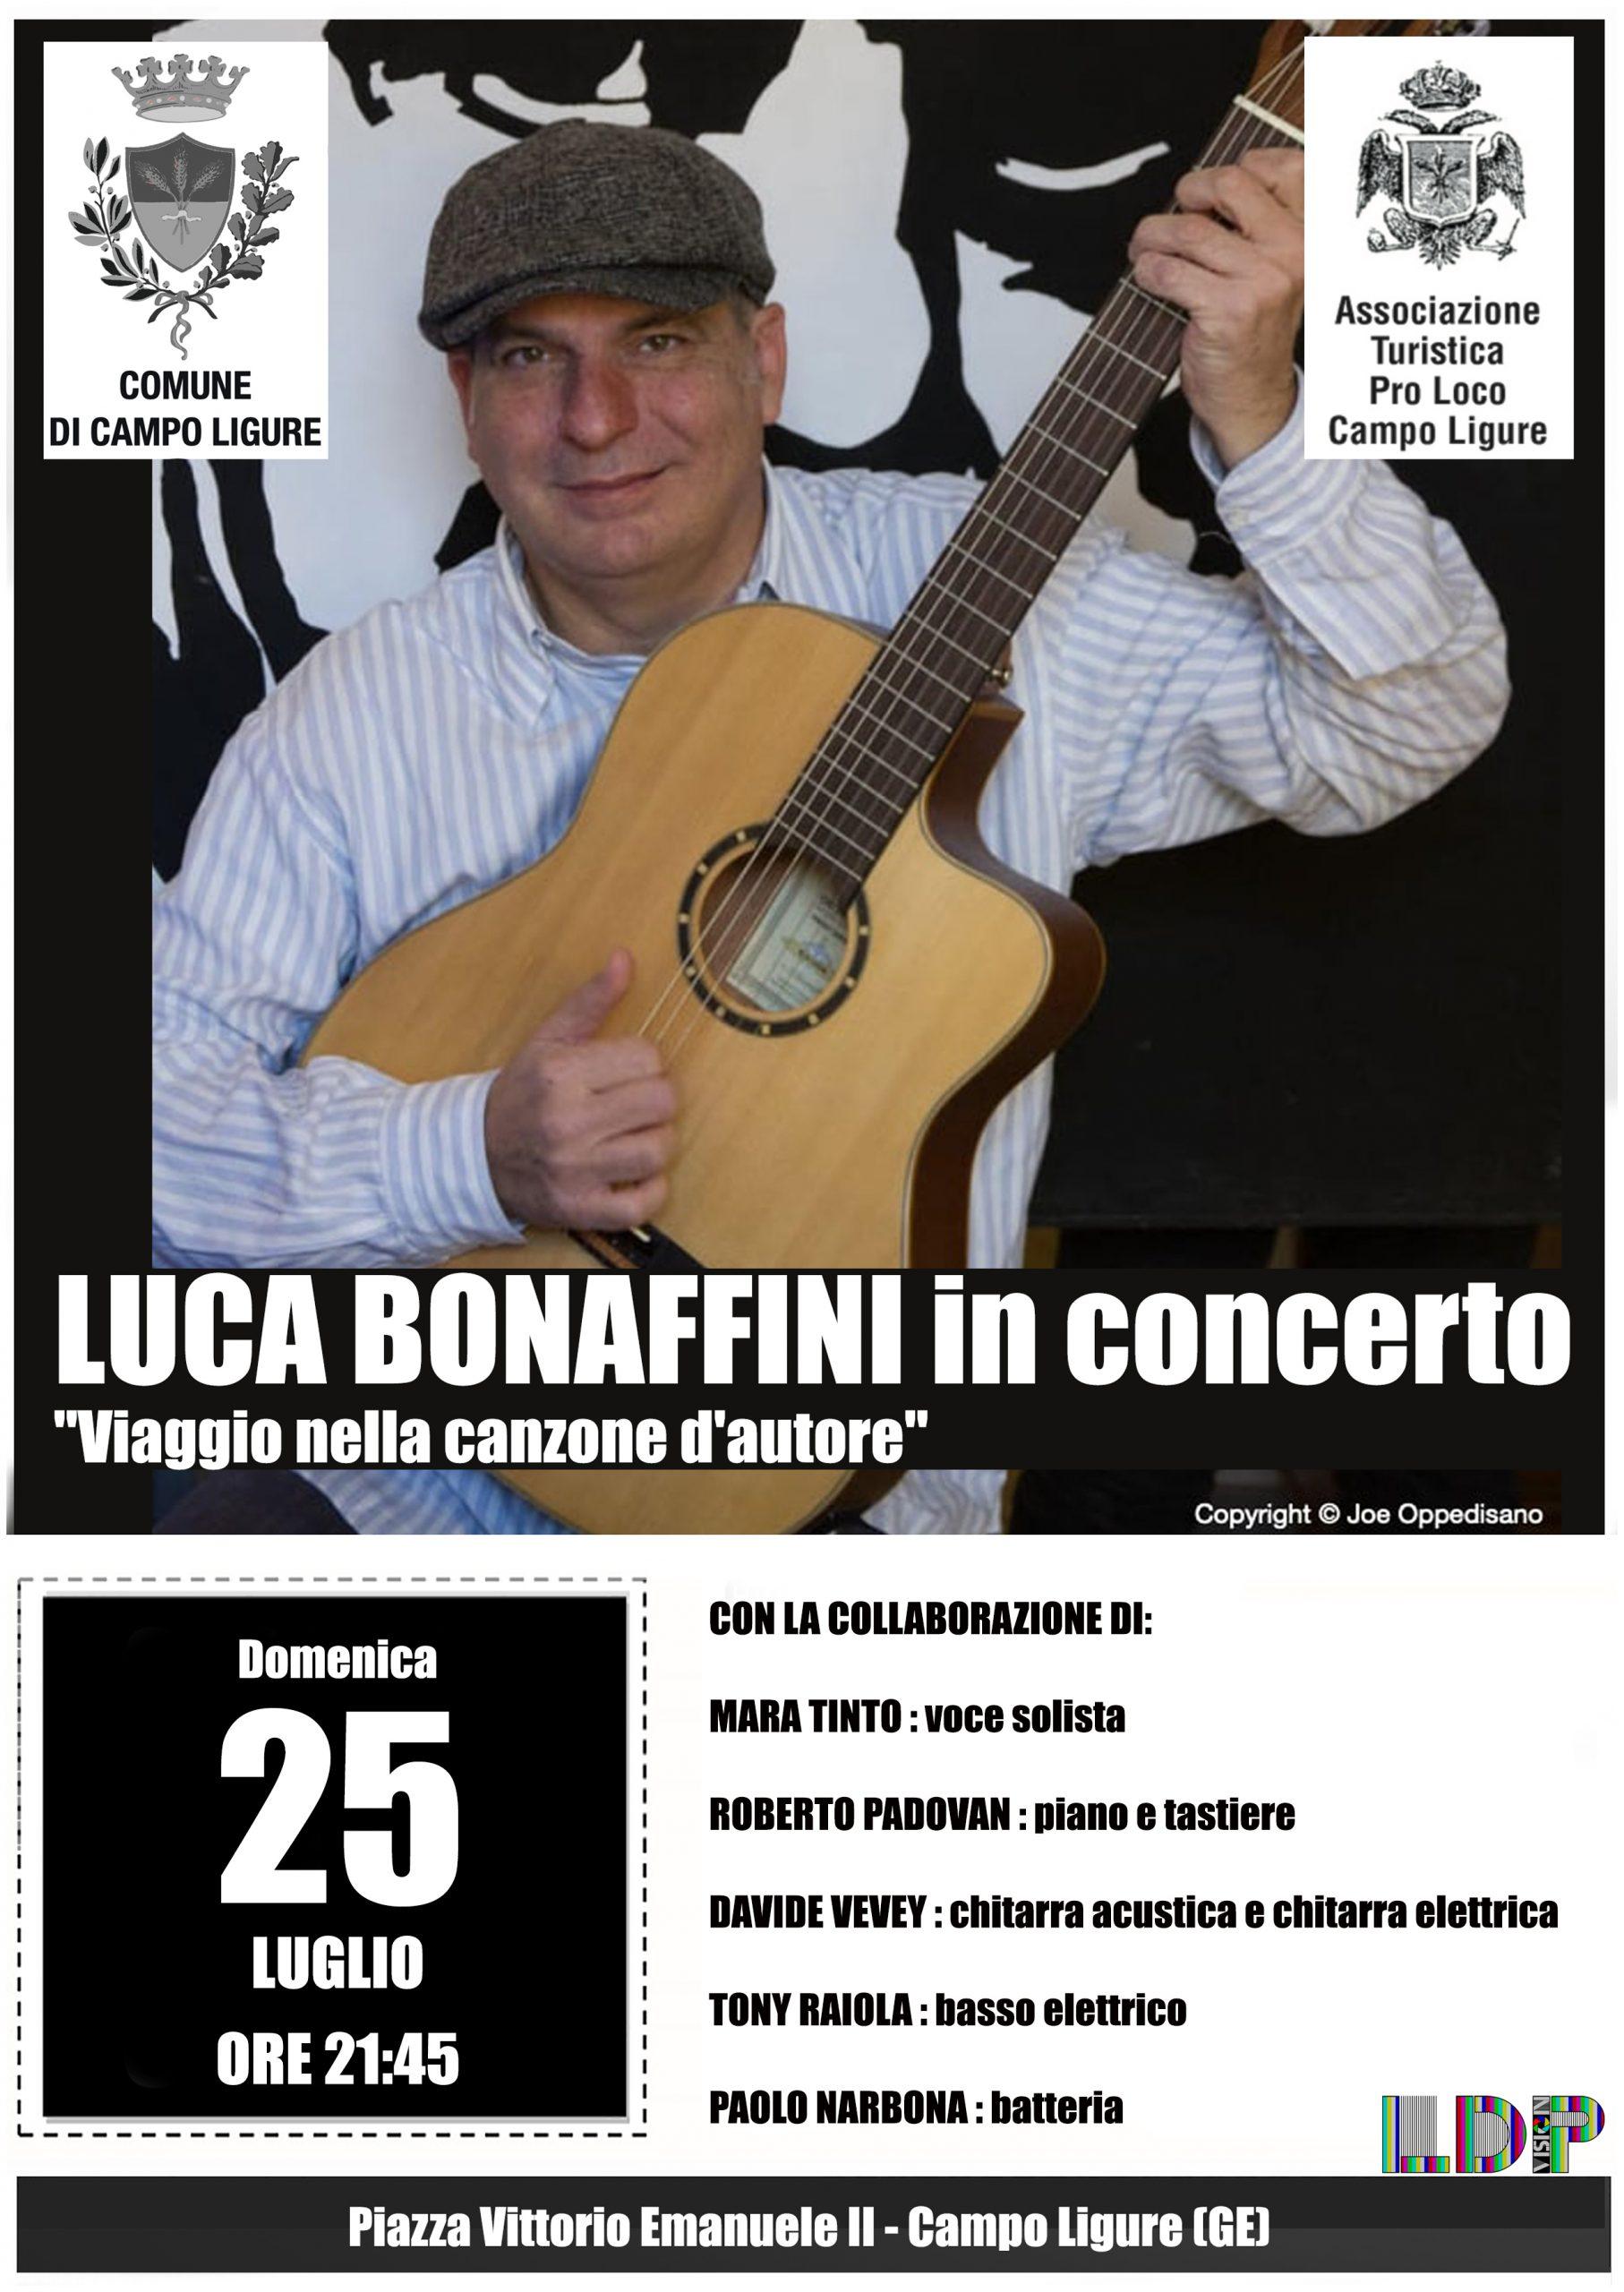 Luca Bonaffini in concerto a Campo Ligure il 25 luglio